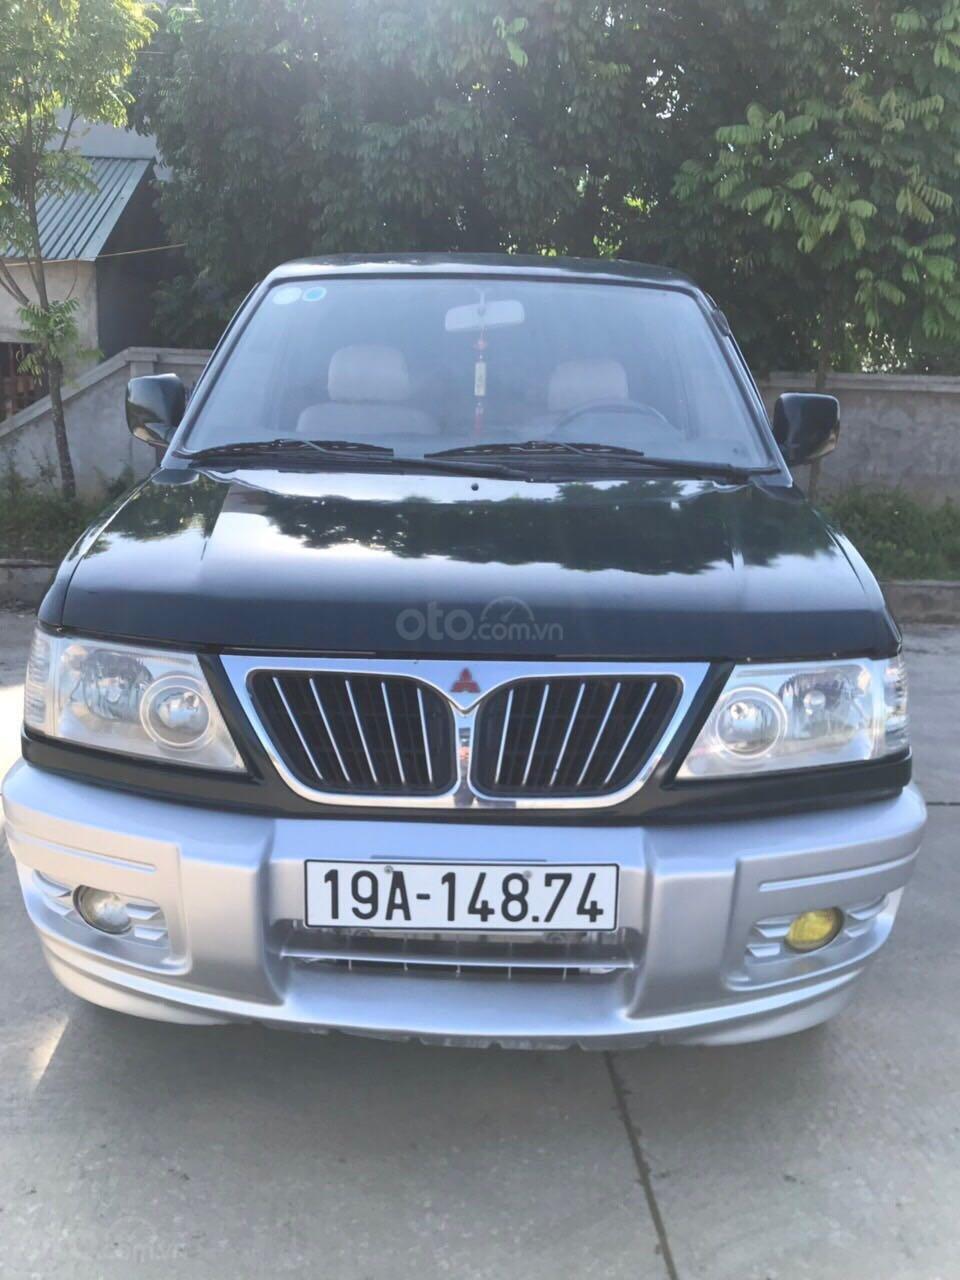 Cần bán gấp Mitsubishi Jolie đăng ký 2003, màu xanh lam, xe nhập, giá chỉ 125 triệu đồng (1)